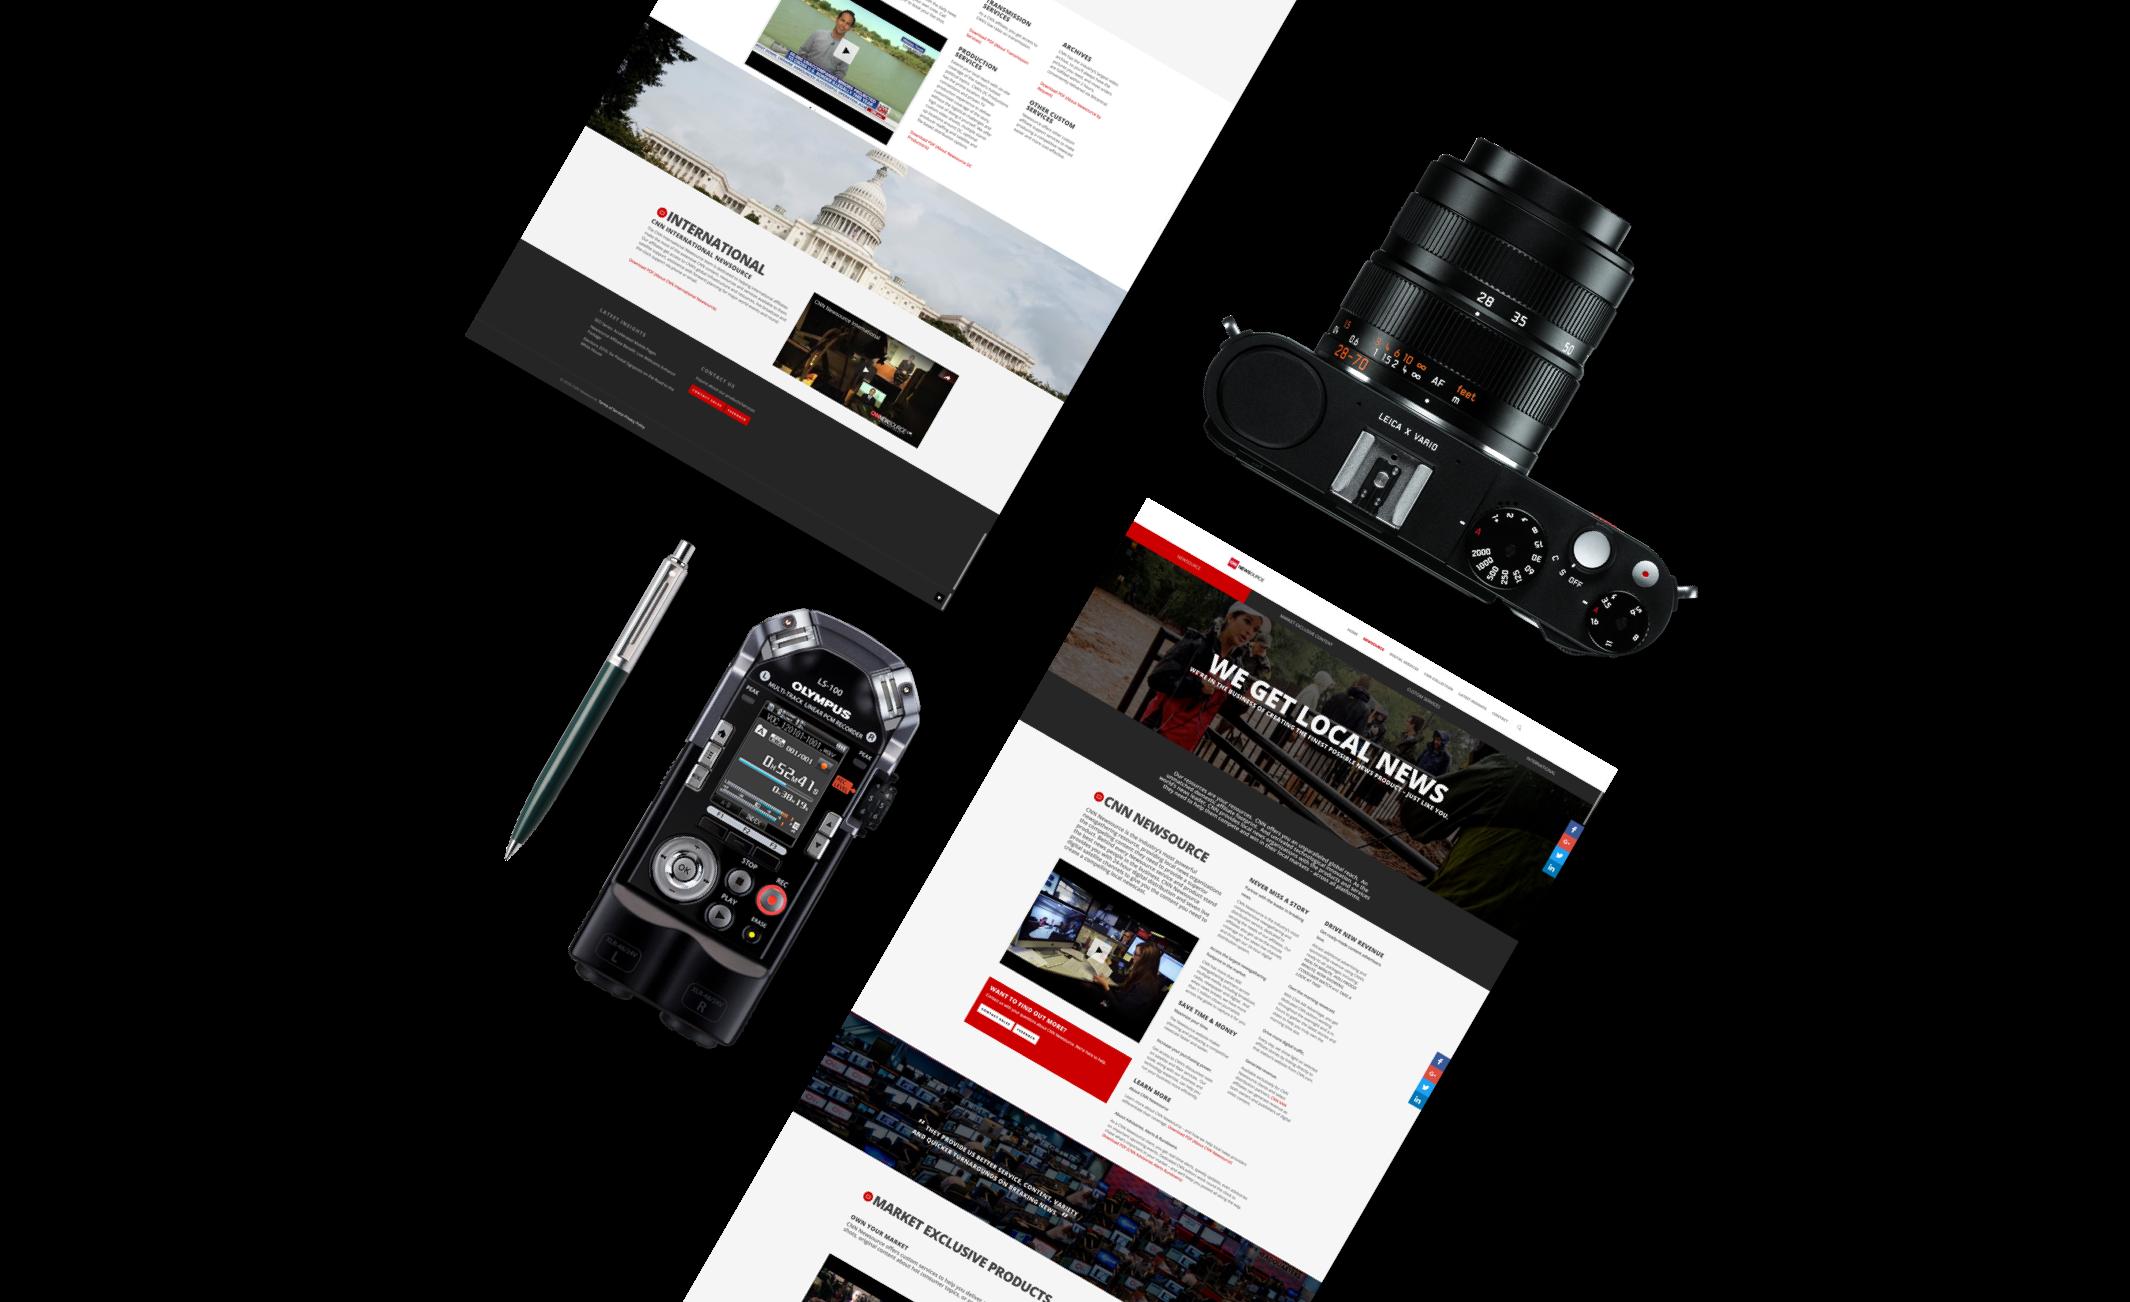 brave-digital-cnn-newssource-website